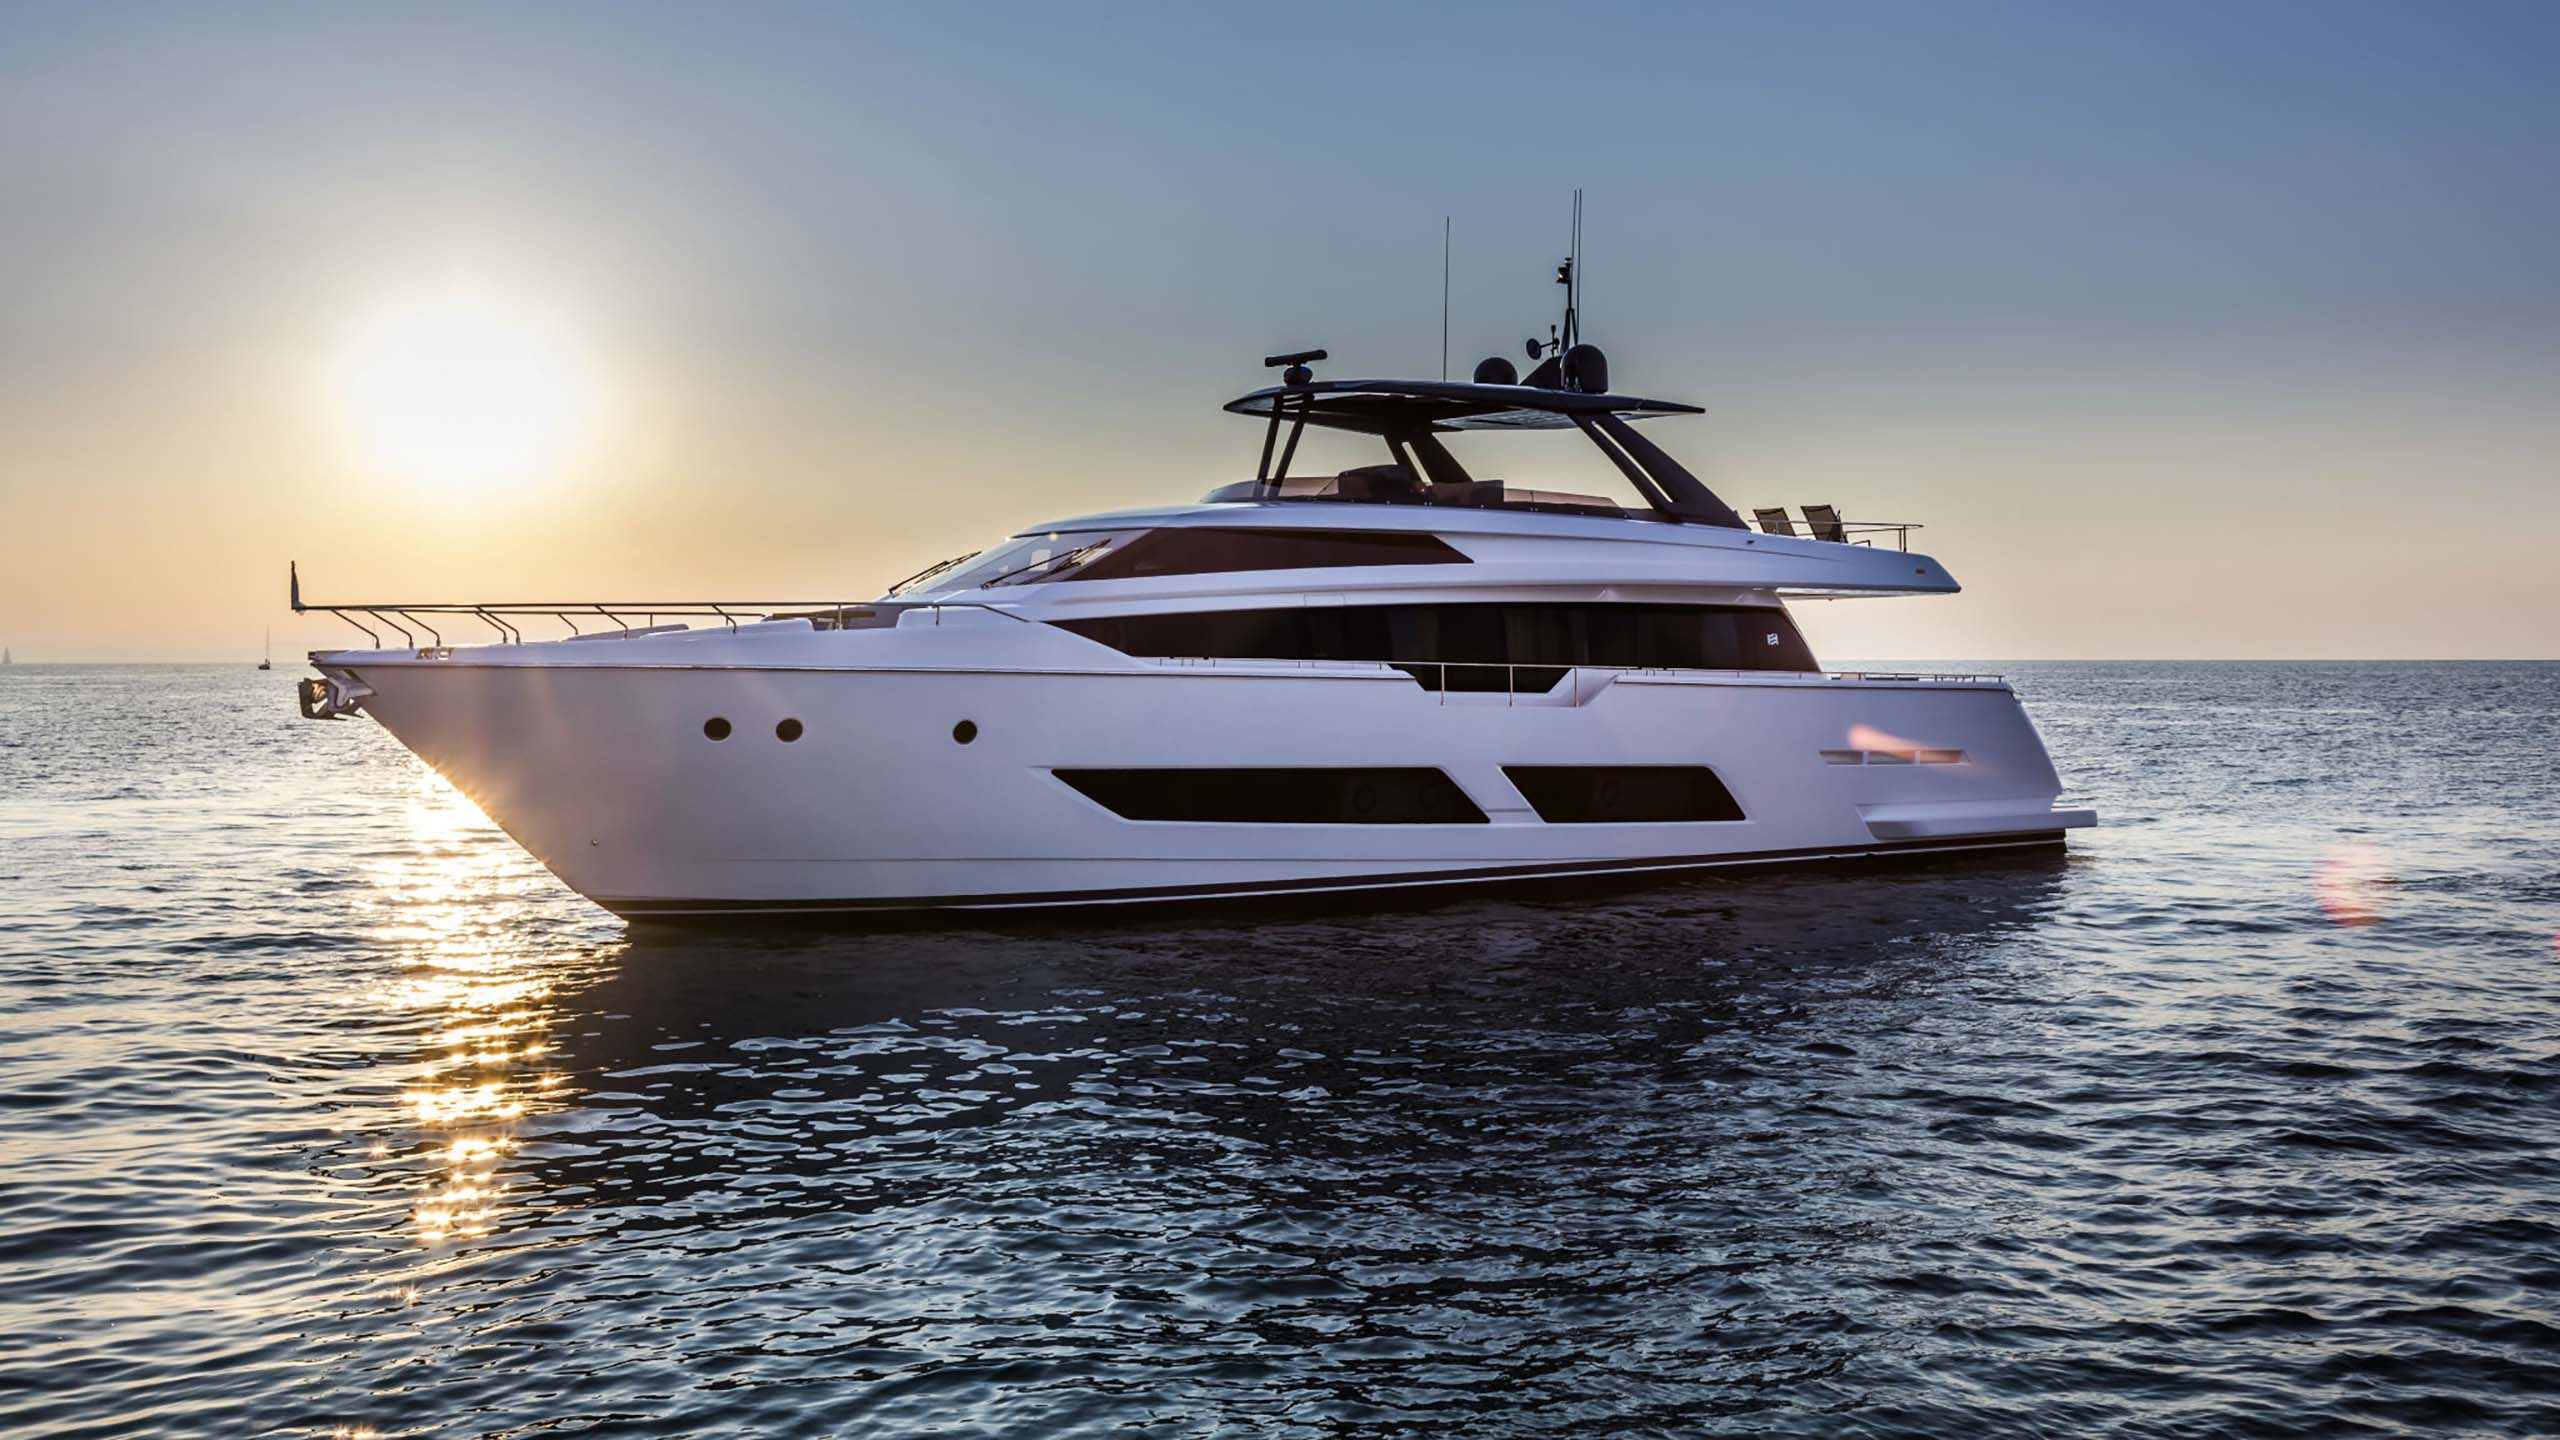 Ferretti Yachts - Sieckmann Yachts